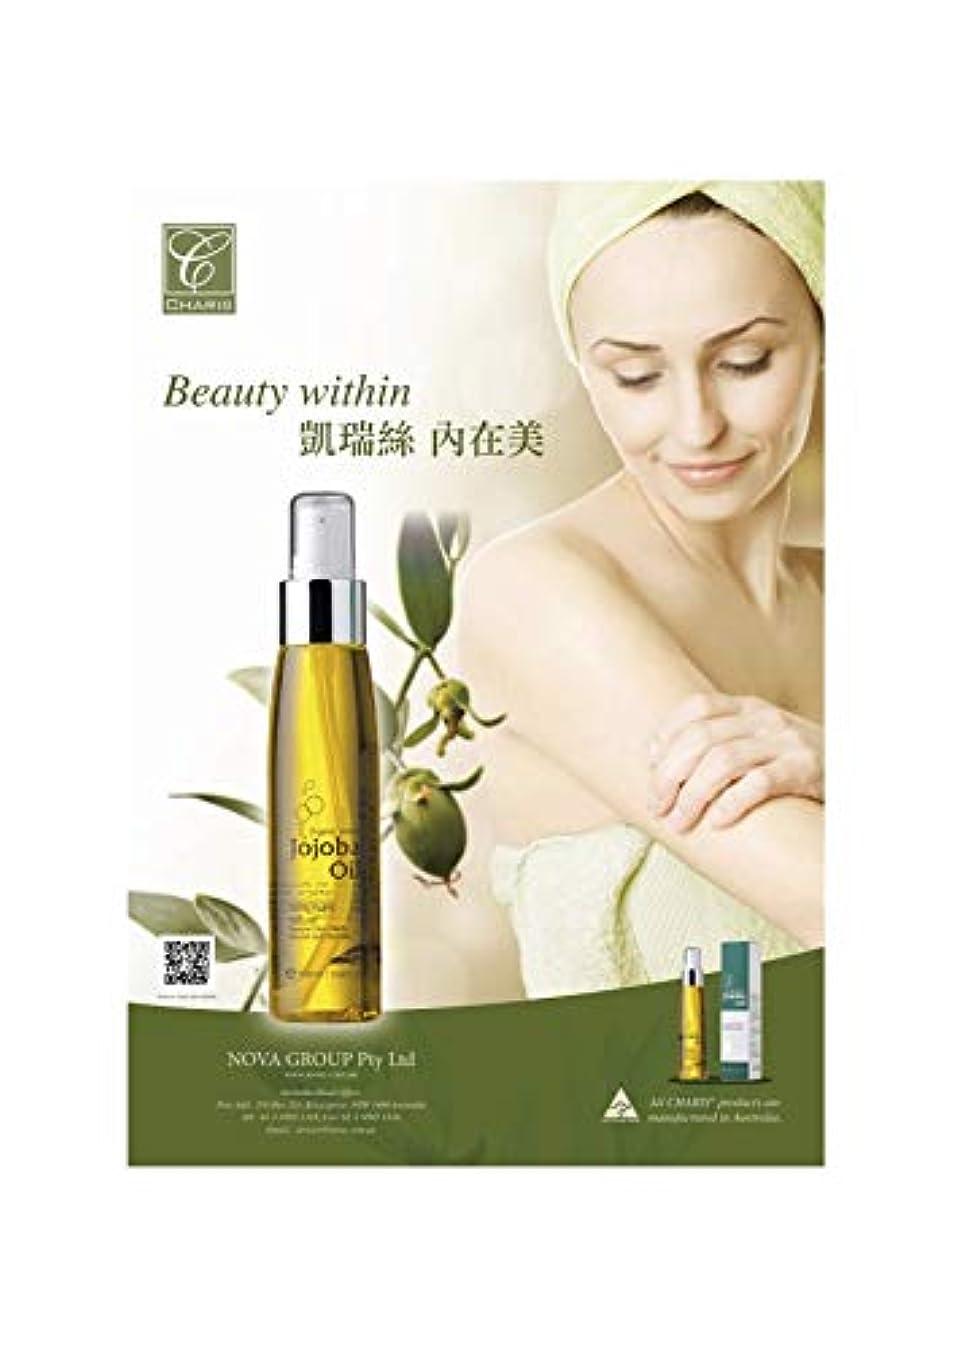 団結するポジティブシエスタCHARIS ホホバオイル 100% Pure Natural (Made in Australia) 60ml [海外直送品]